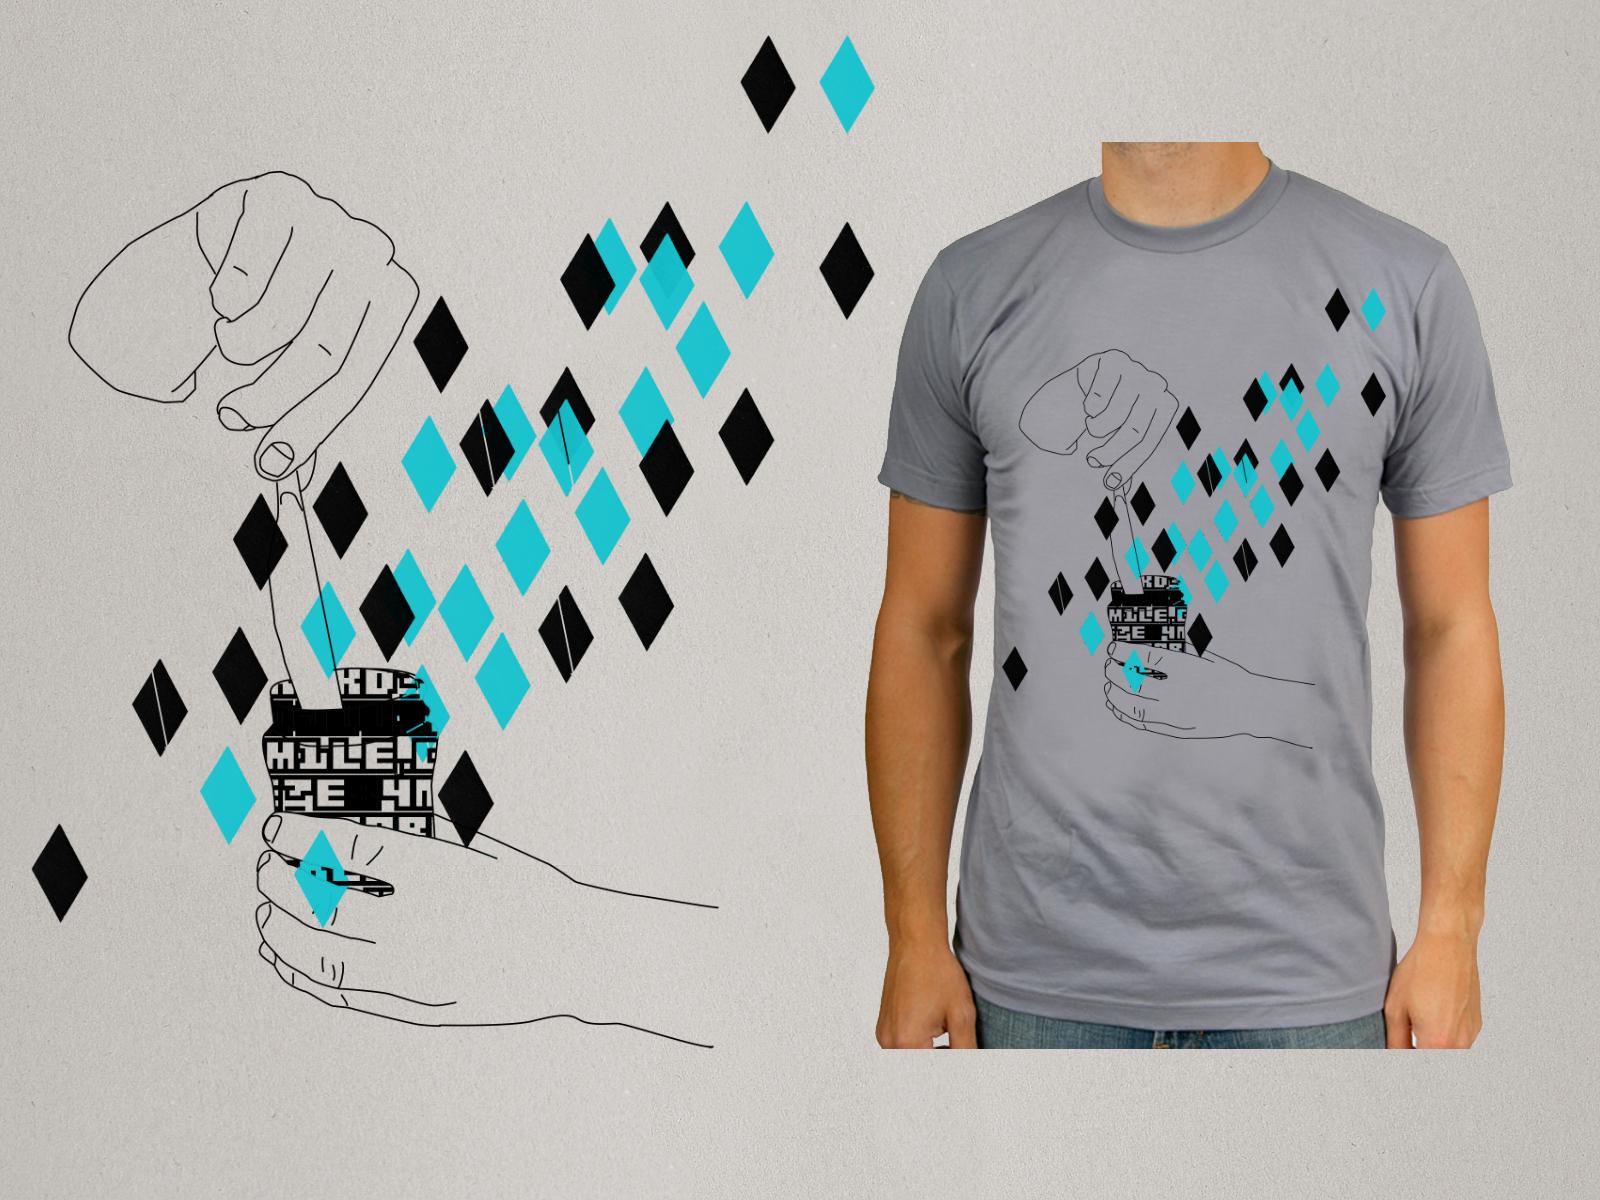 T-shirt design zeixs - T Shirt Designs